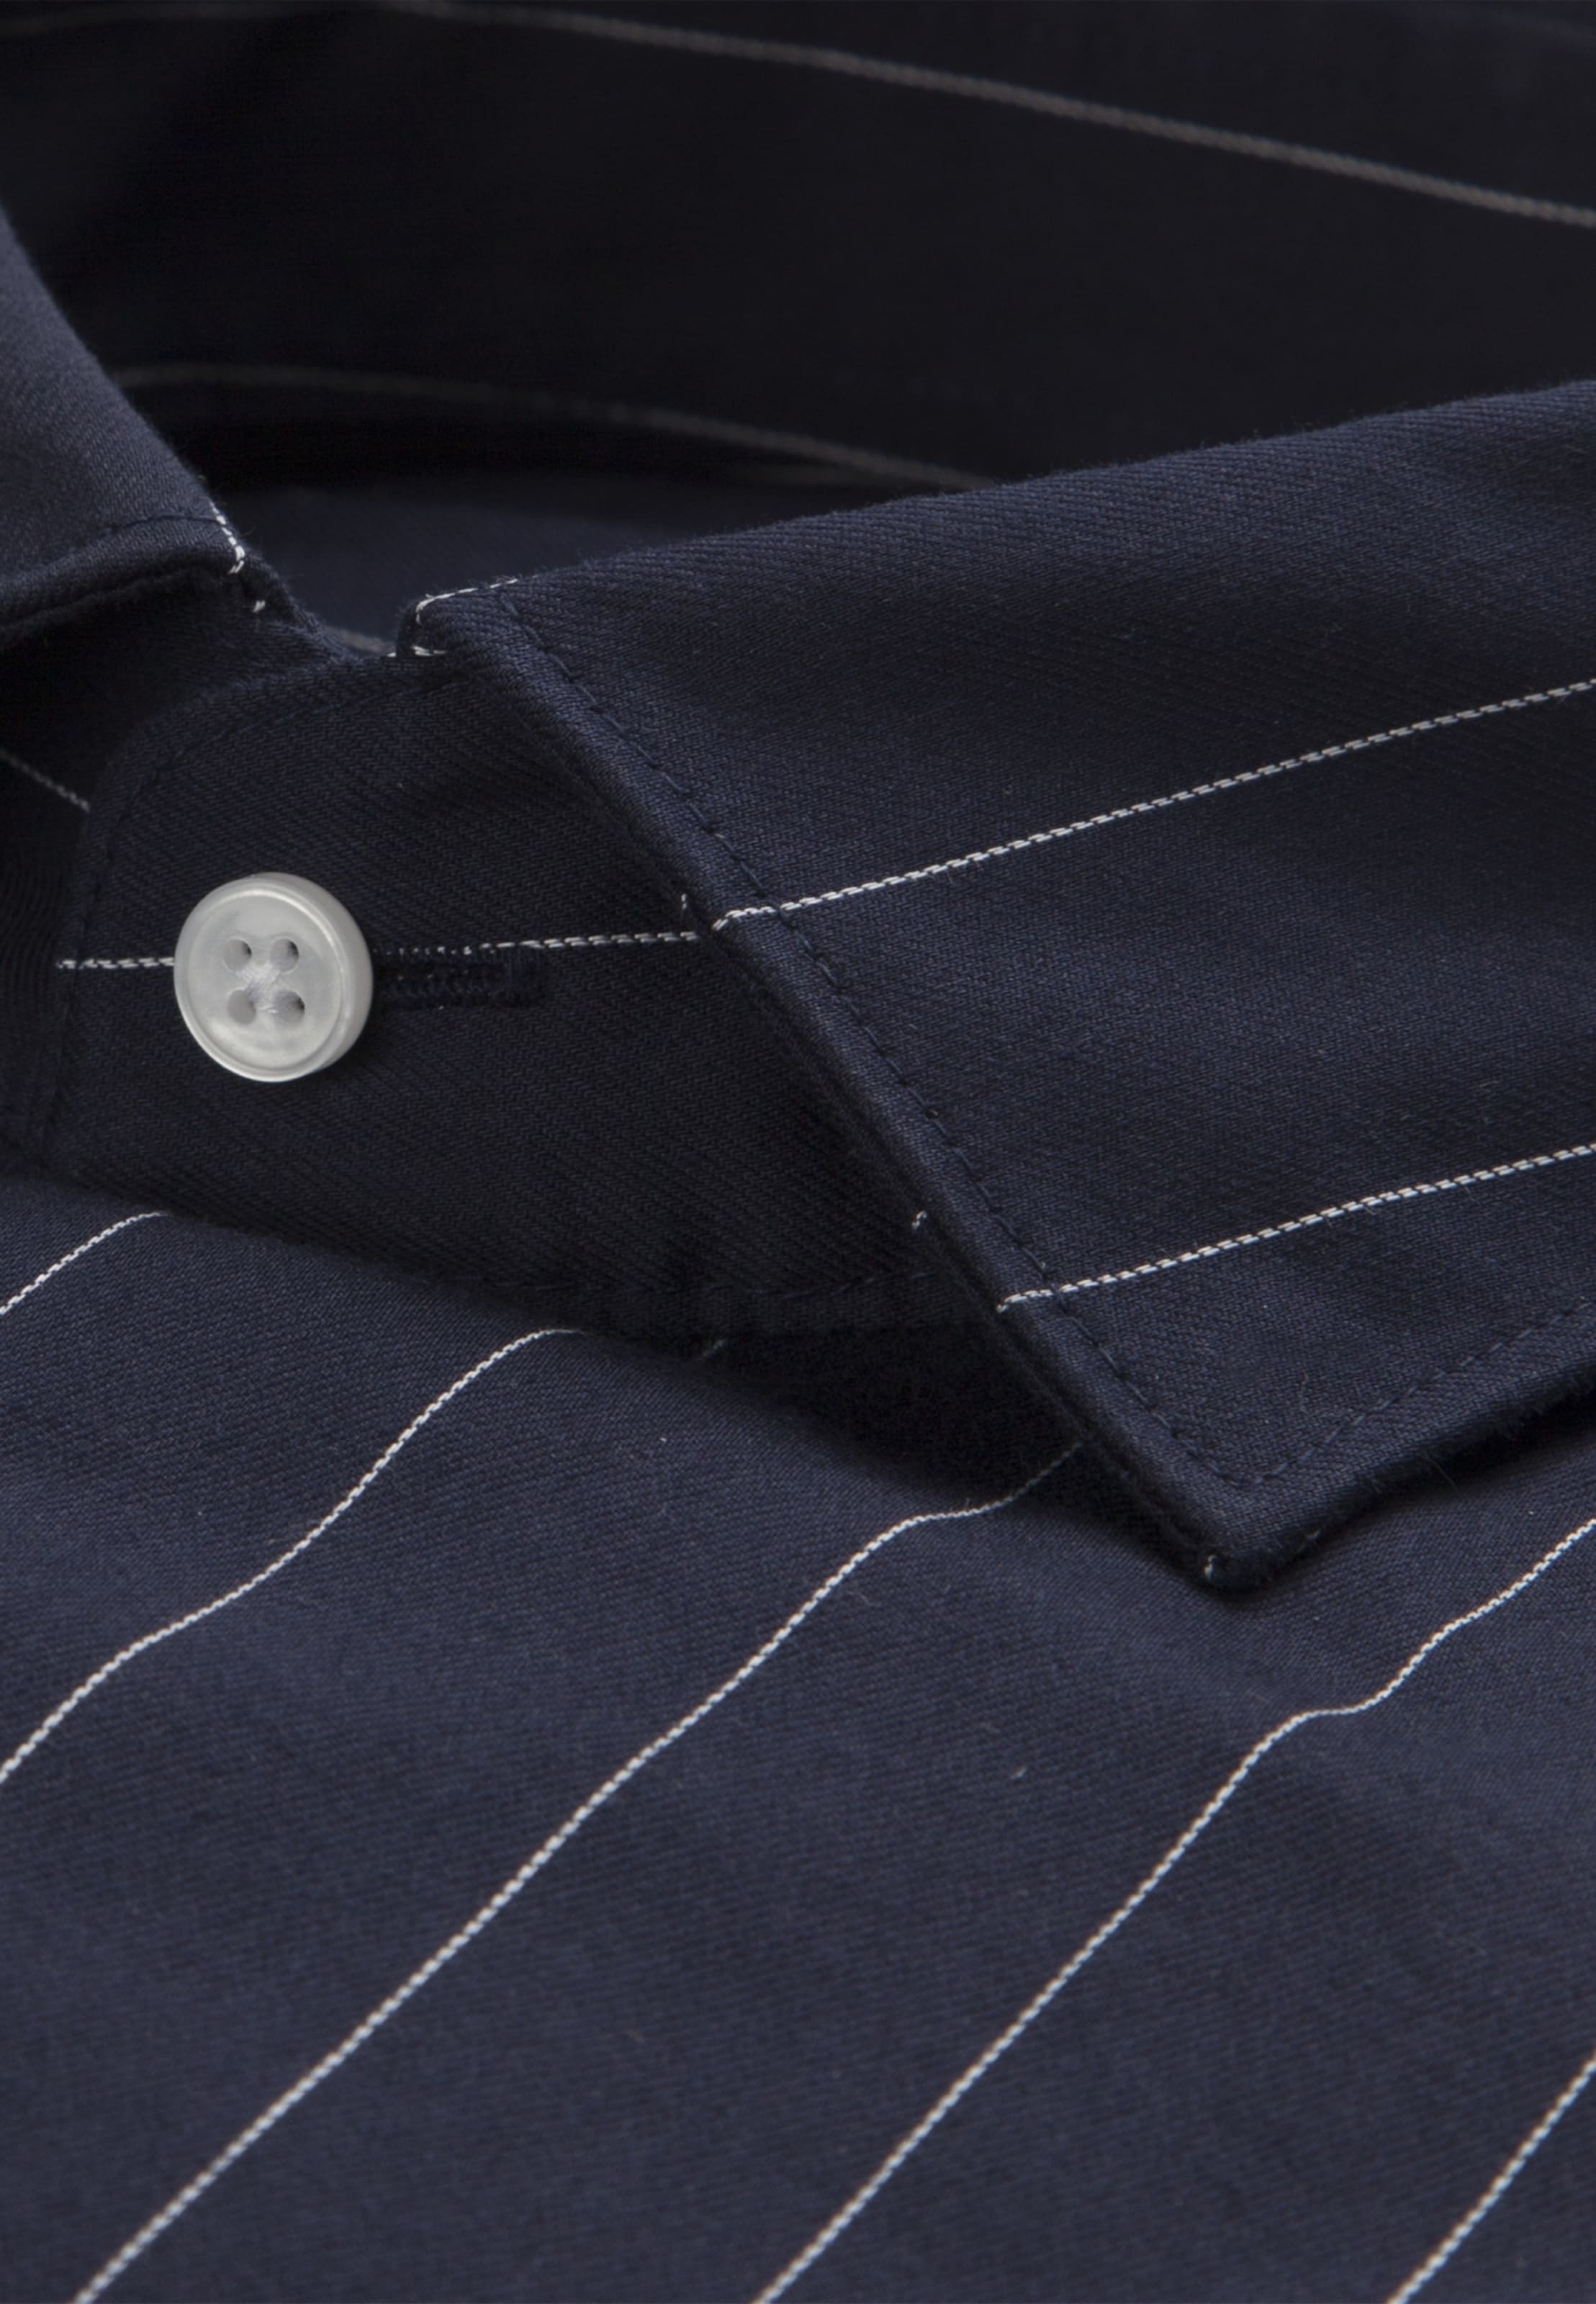 Hemd Seidensticker Hemd NachtblauWeiß Seidensticker In NachtblauWeiß Seidensticker Seidensticker Hemd NachtblauWeiß Hemd In In In lJcKT3F1